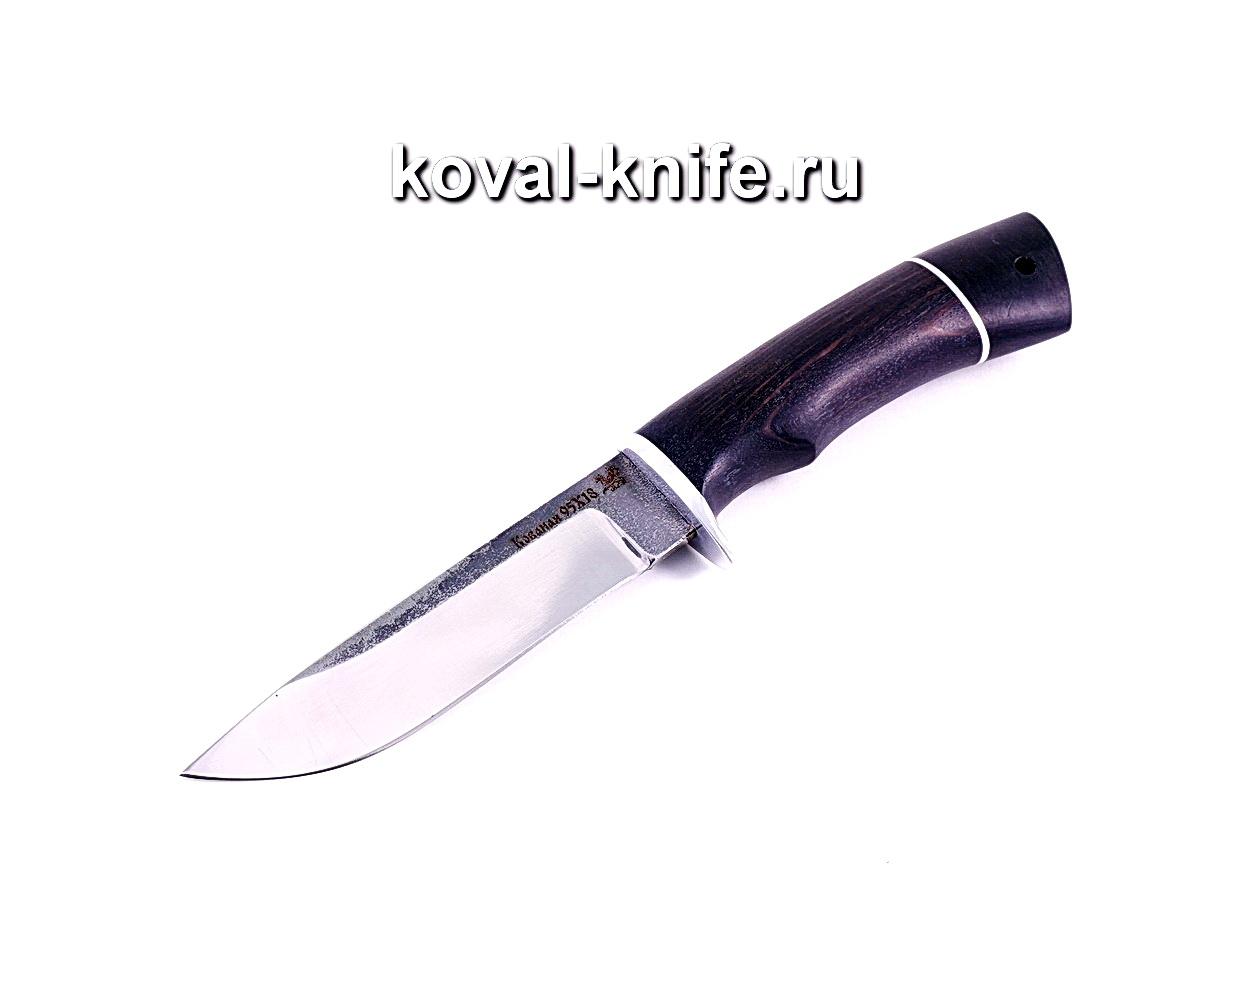 Нож белка (сталь 95х18), рукоять граб A015